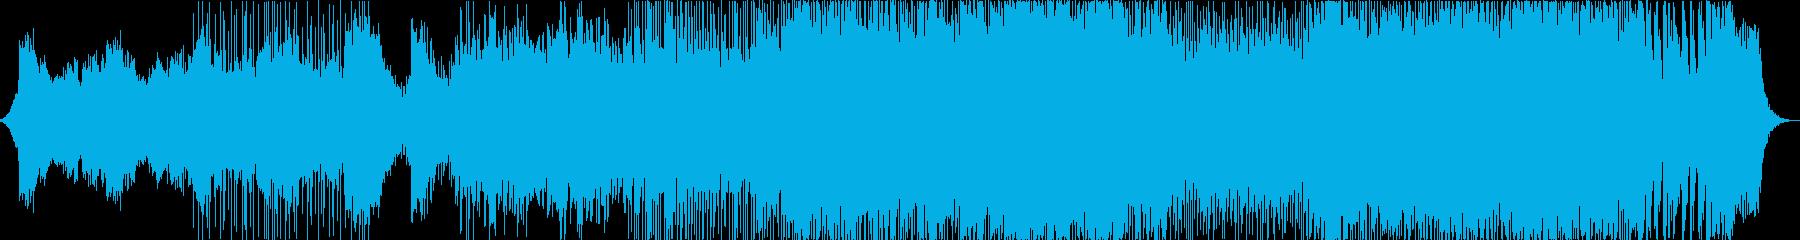 激しいメタル調のオーケストラバトルBGMの再生済みの波形